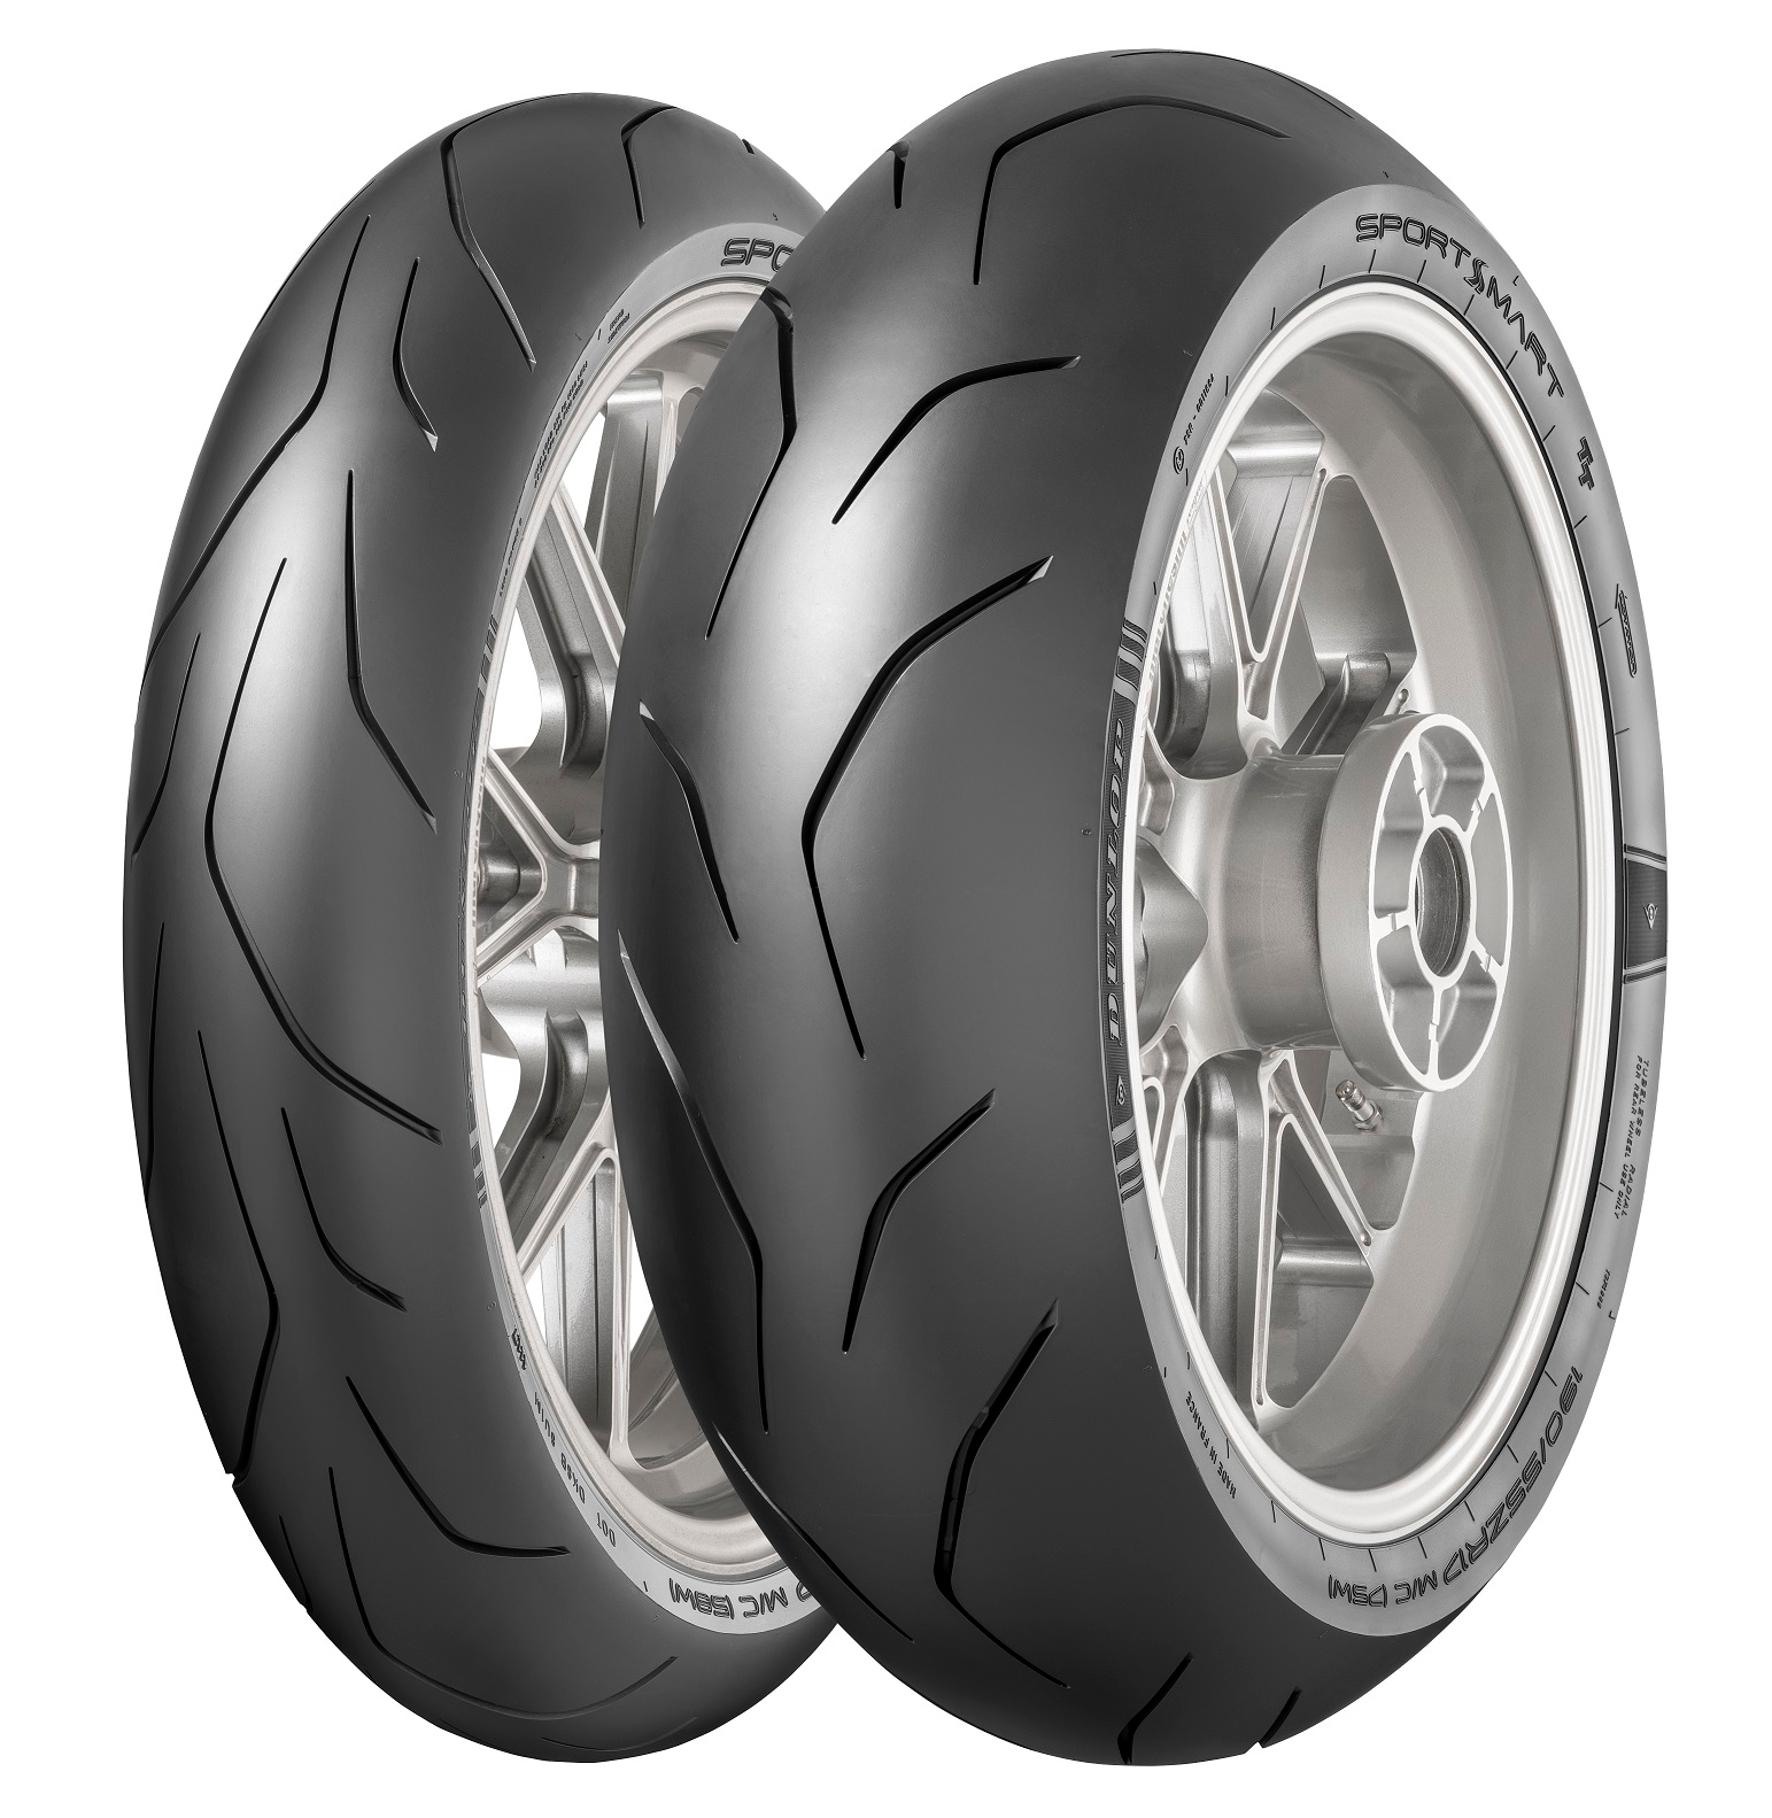 mid Groß-Gerau - Der neue Dunlop-Hypersport-Reifen SportSmart TT soll auf der Rennstrecke und der Straße überzeugen. Dunlop